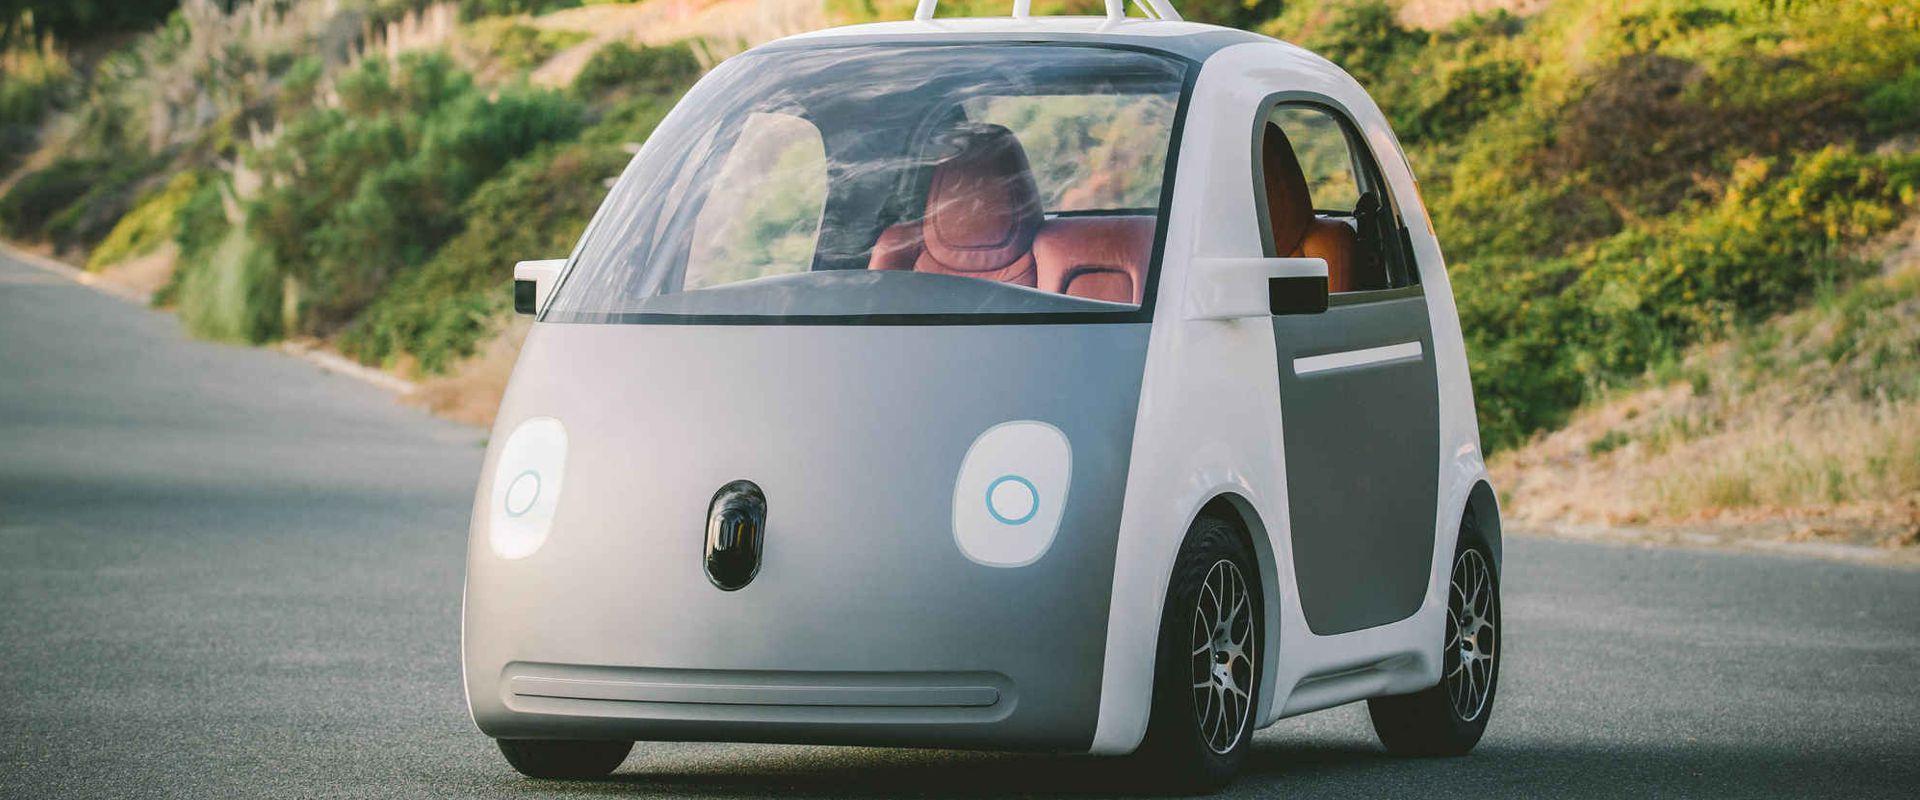 ZASTARJELI PROPISI Američka uprava za sigurnost u prometu odobrila bi automobile s autopilotom